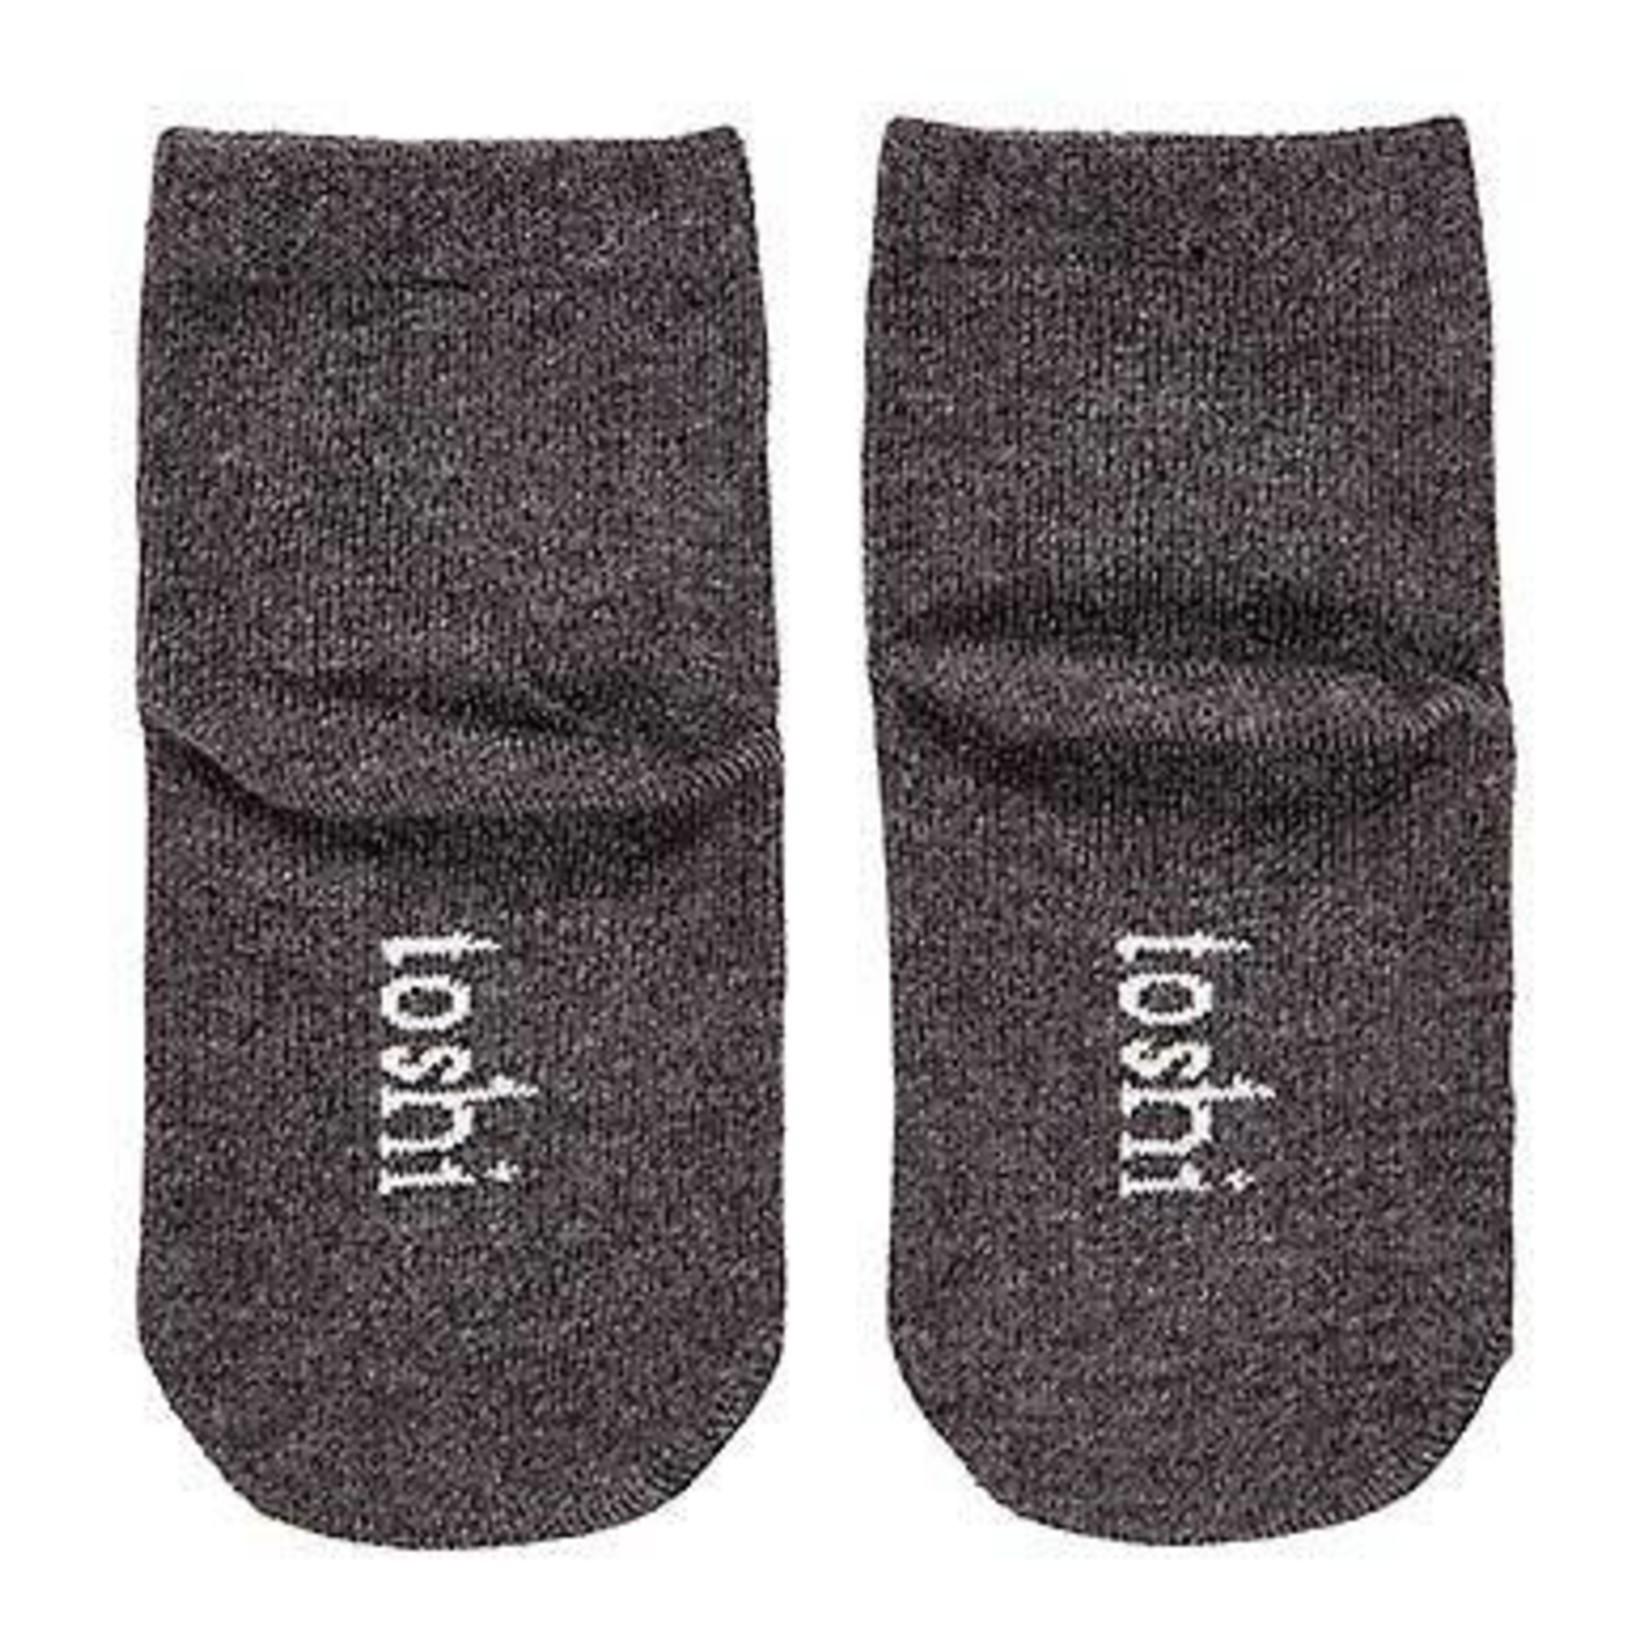 Toshi Toshi Organic Socks - Boys Dinsosaurs